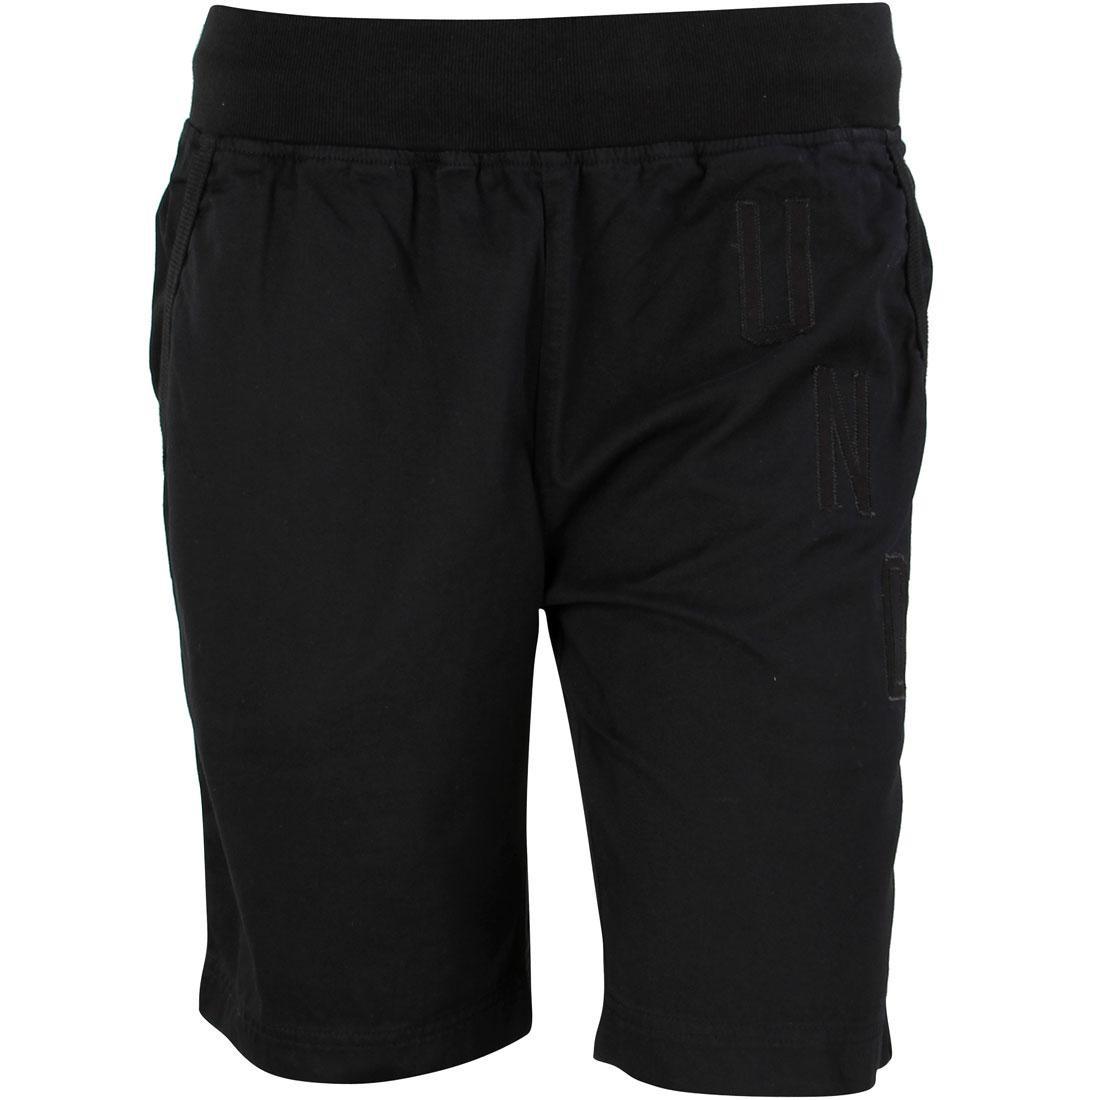 UNDEFEATED ショーツ ハーフパンツ 黒 ブラック 【 BLACK UNDEFEATED MEN EXILE SHORTS 】 メンズファッション ズボン パンツ